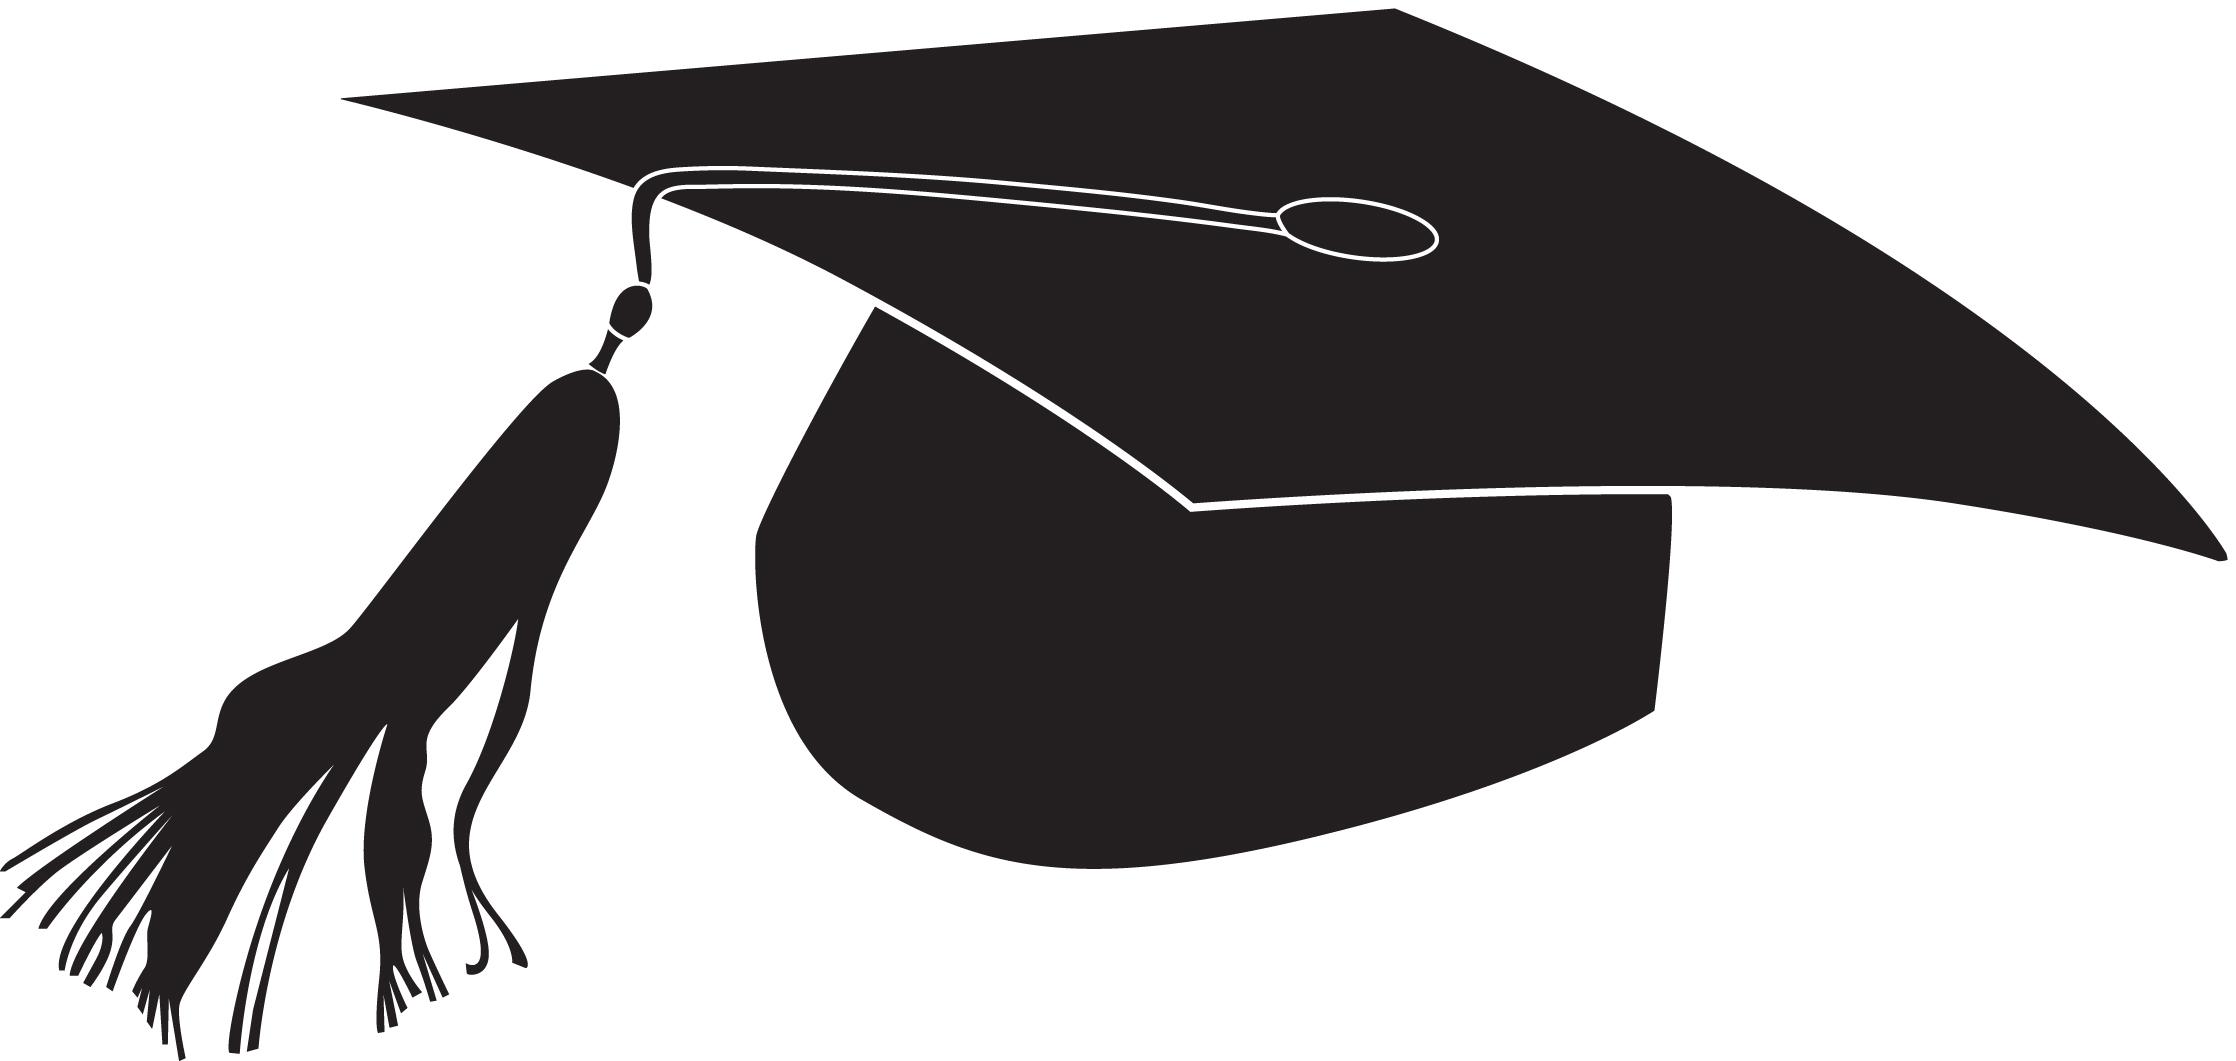 Graduate clipart symbol. Uniqe graduation symbols cliparting